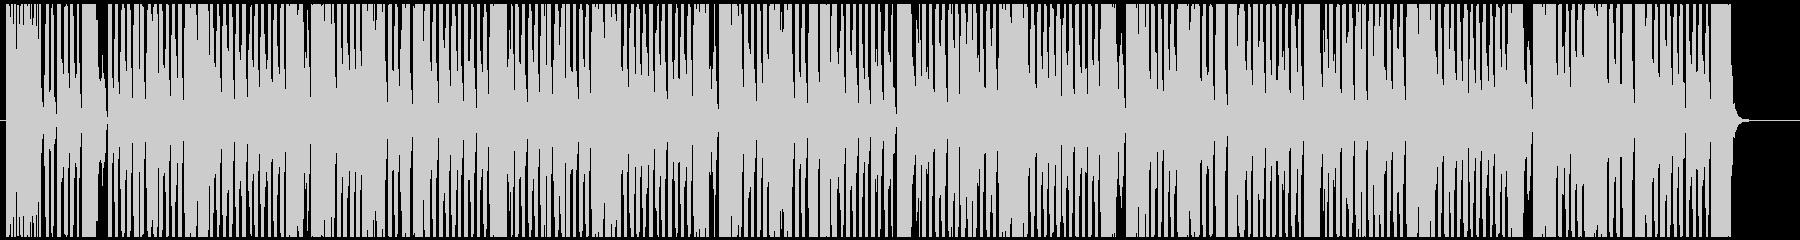 童謡「アルプス一万尺」アメリカ民謡有名曲の未再生の波形